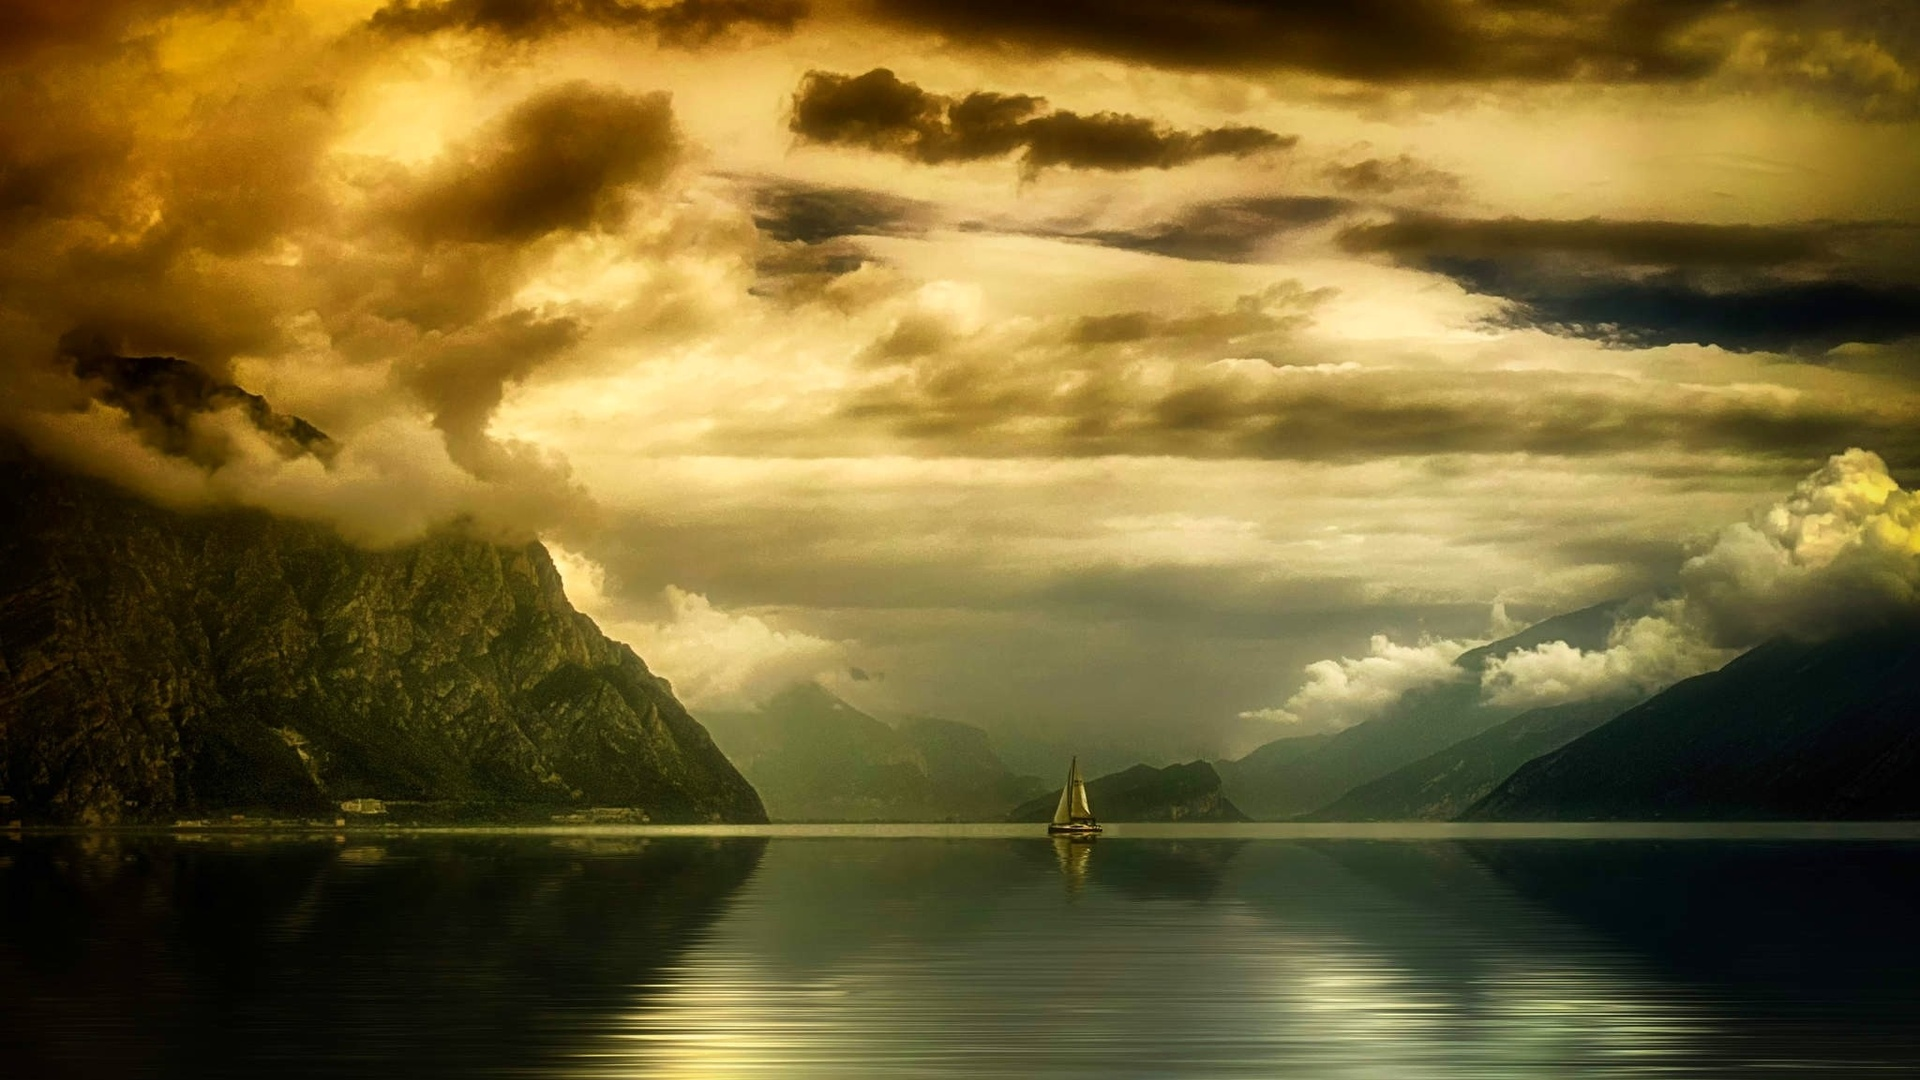 фотография, пейзаж, природа, озеро, горы, облака, закат солнца, парусники, небо, отражение, спокойный